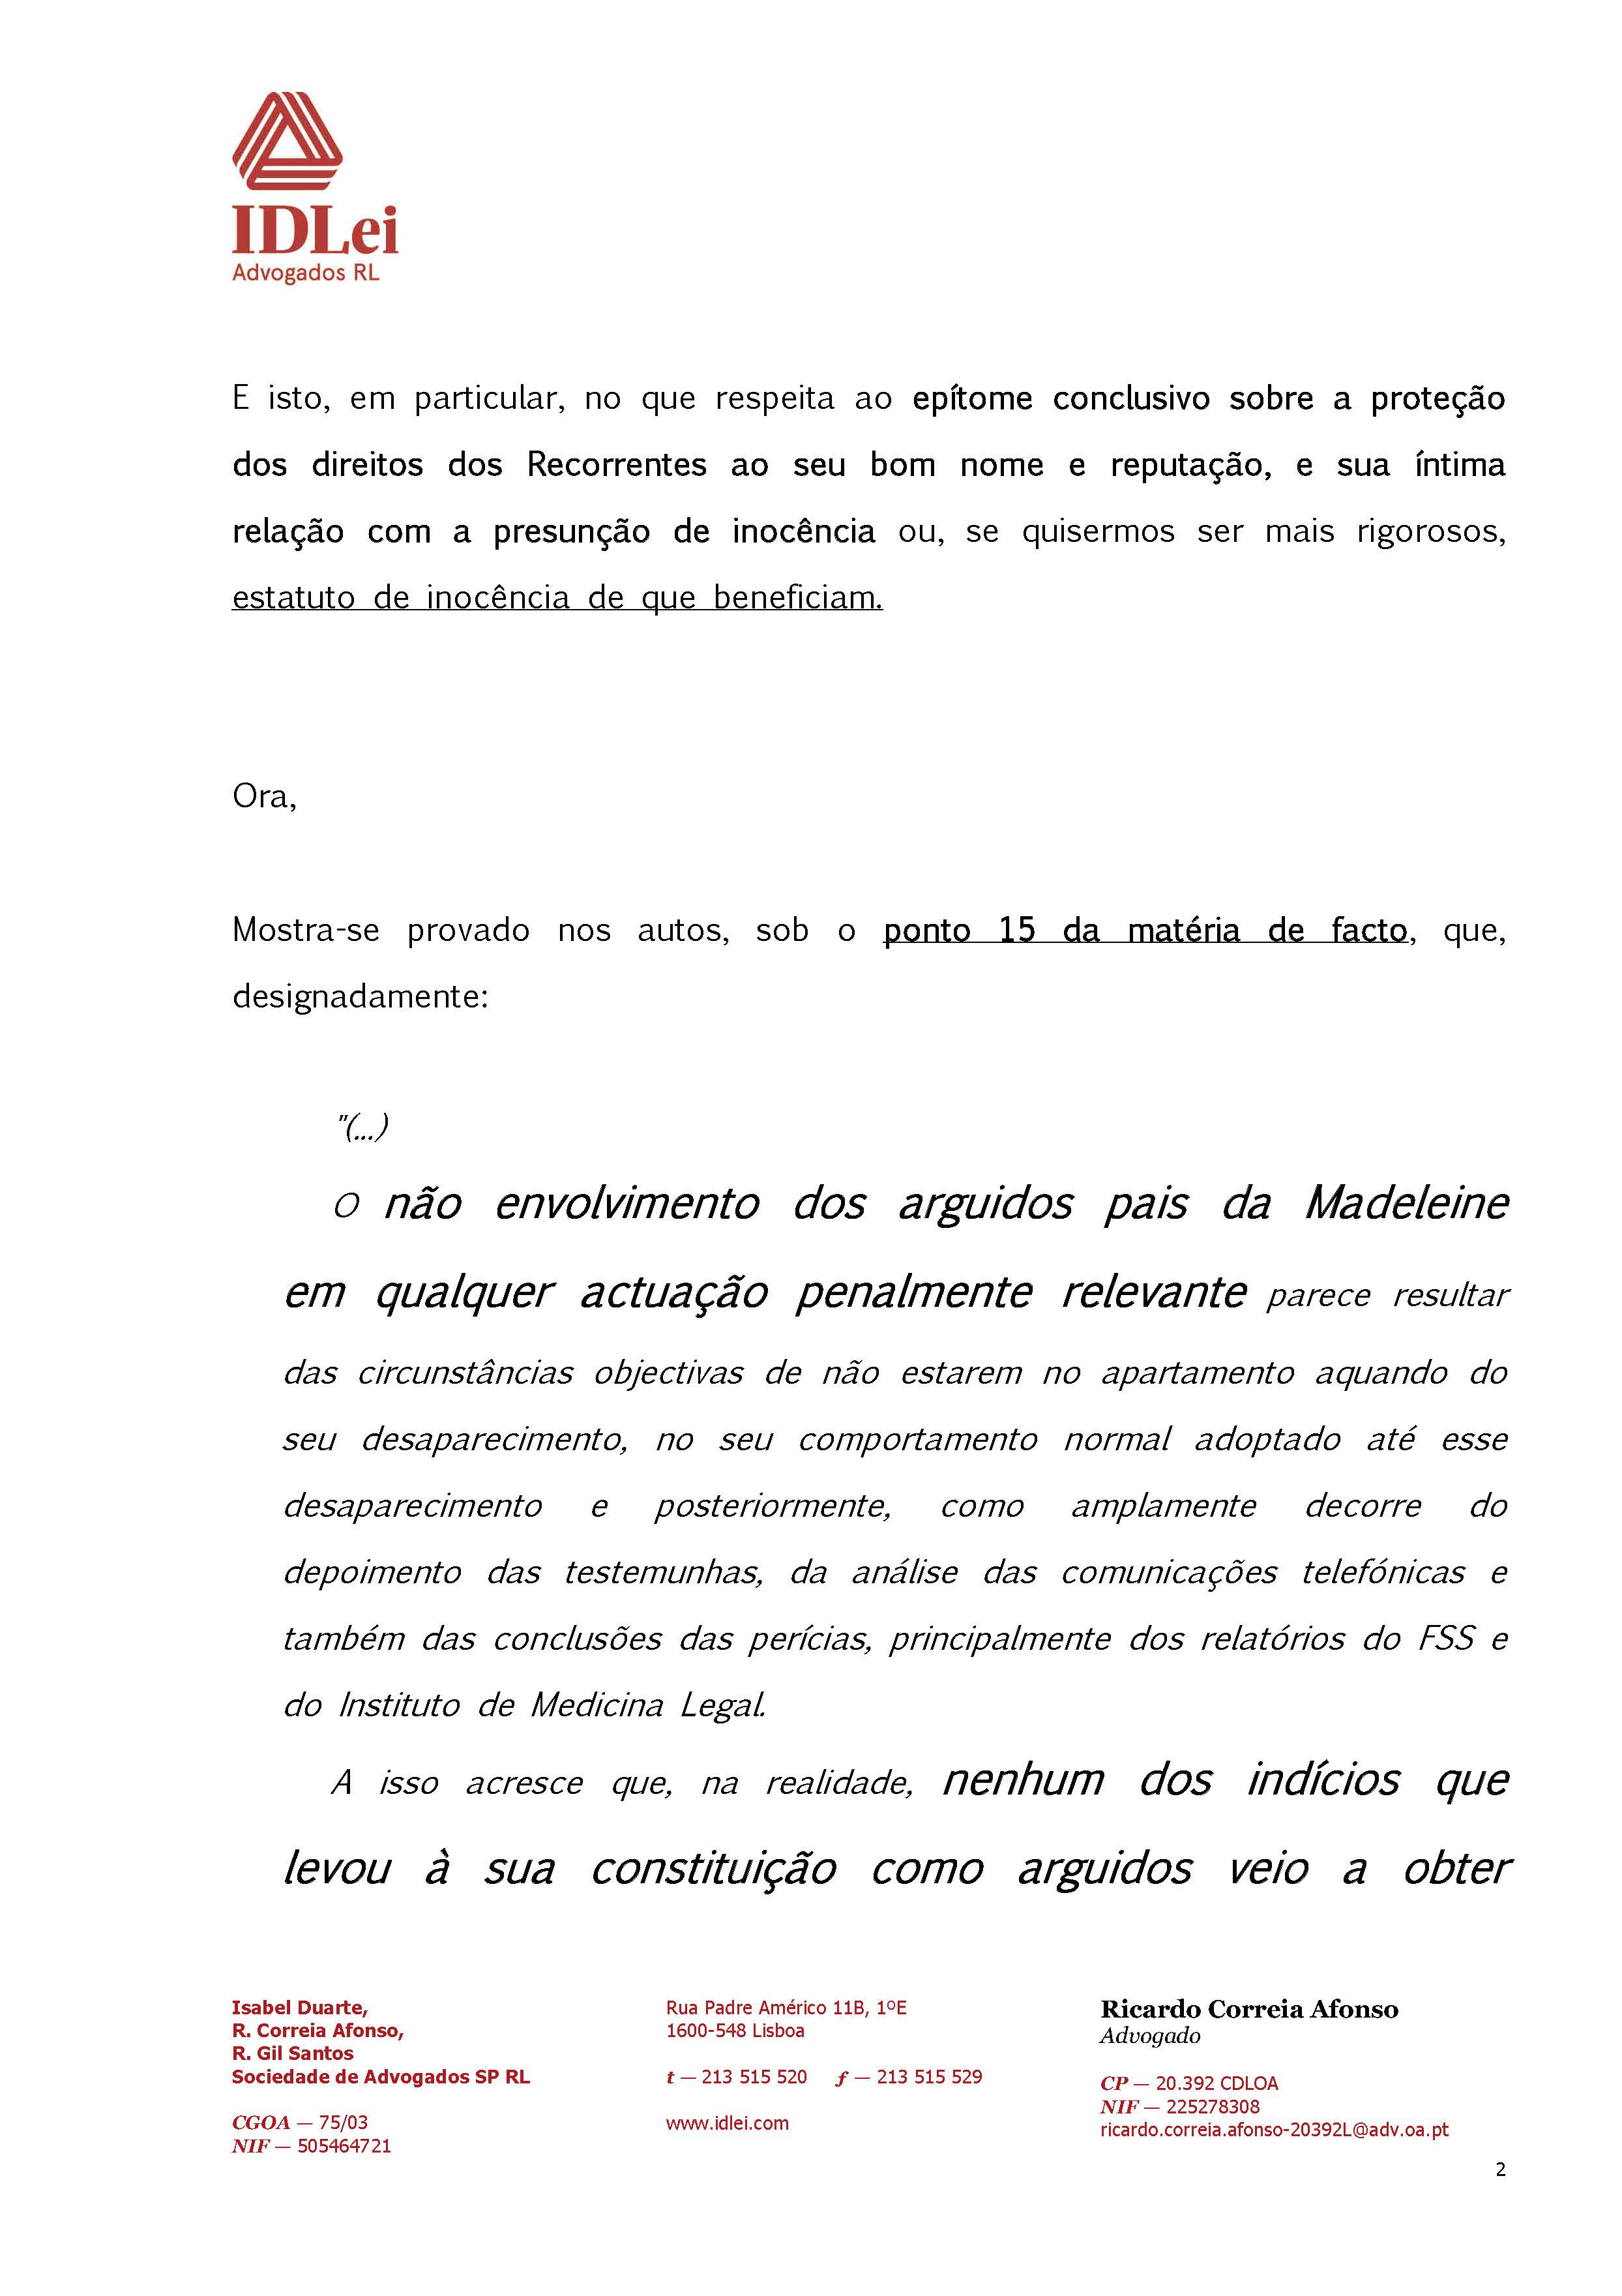 http://www.gerrymccannsblogs.co.uk/A/Arguicao_de%20Nulidade_do_Acordao_Page_2.jpg